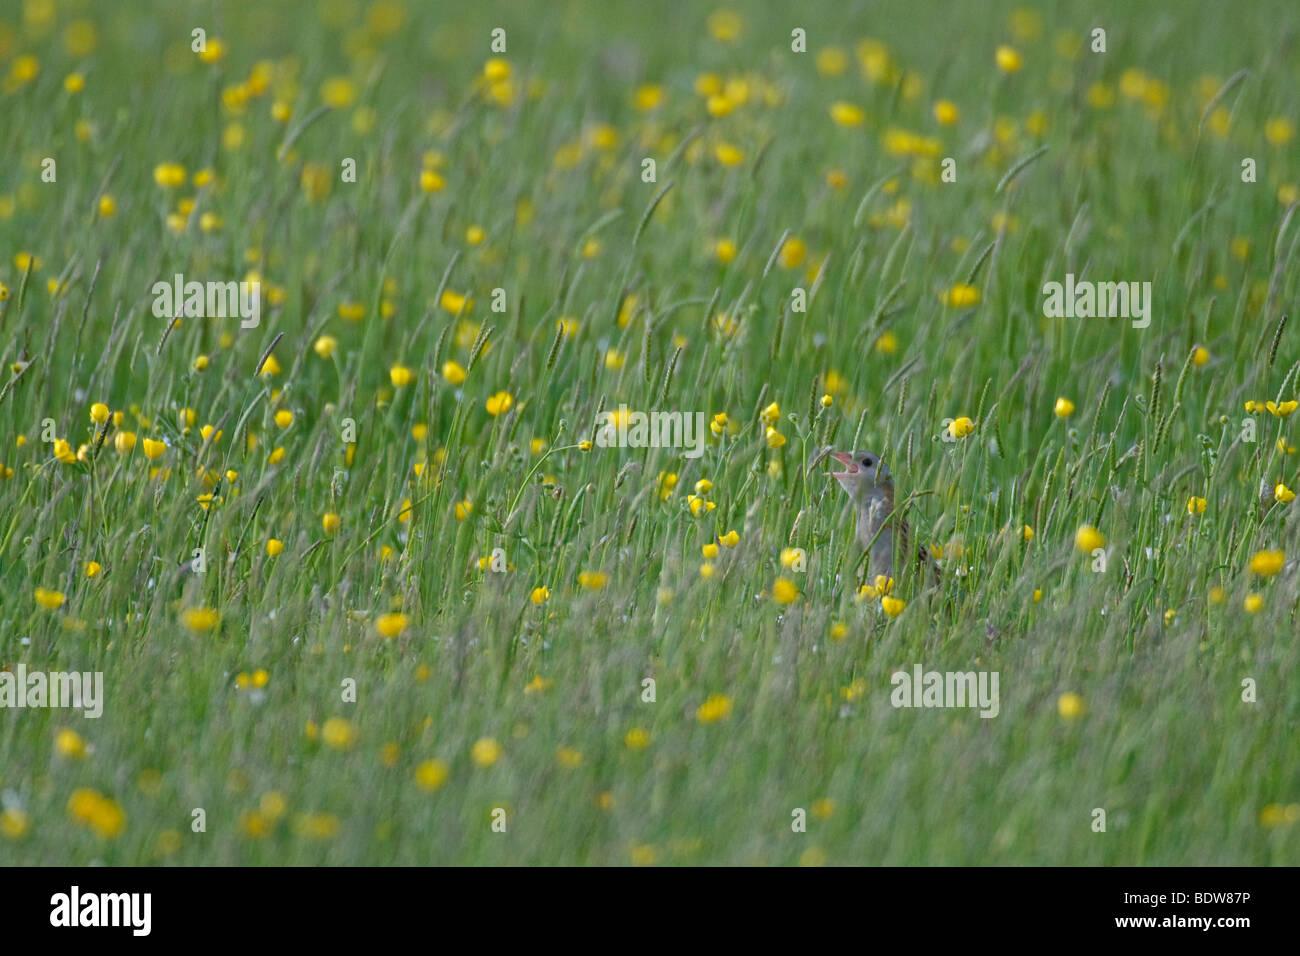 Re di Quaglie Crex crex chiamando nel fieno prato sull isola di South Uist, Western Isles, Scozia. Foto Stock